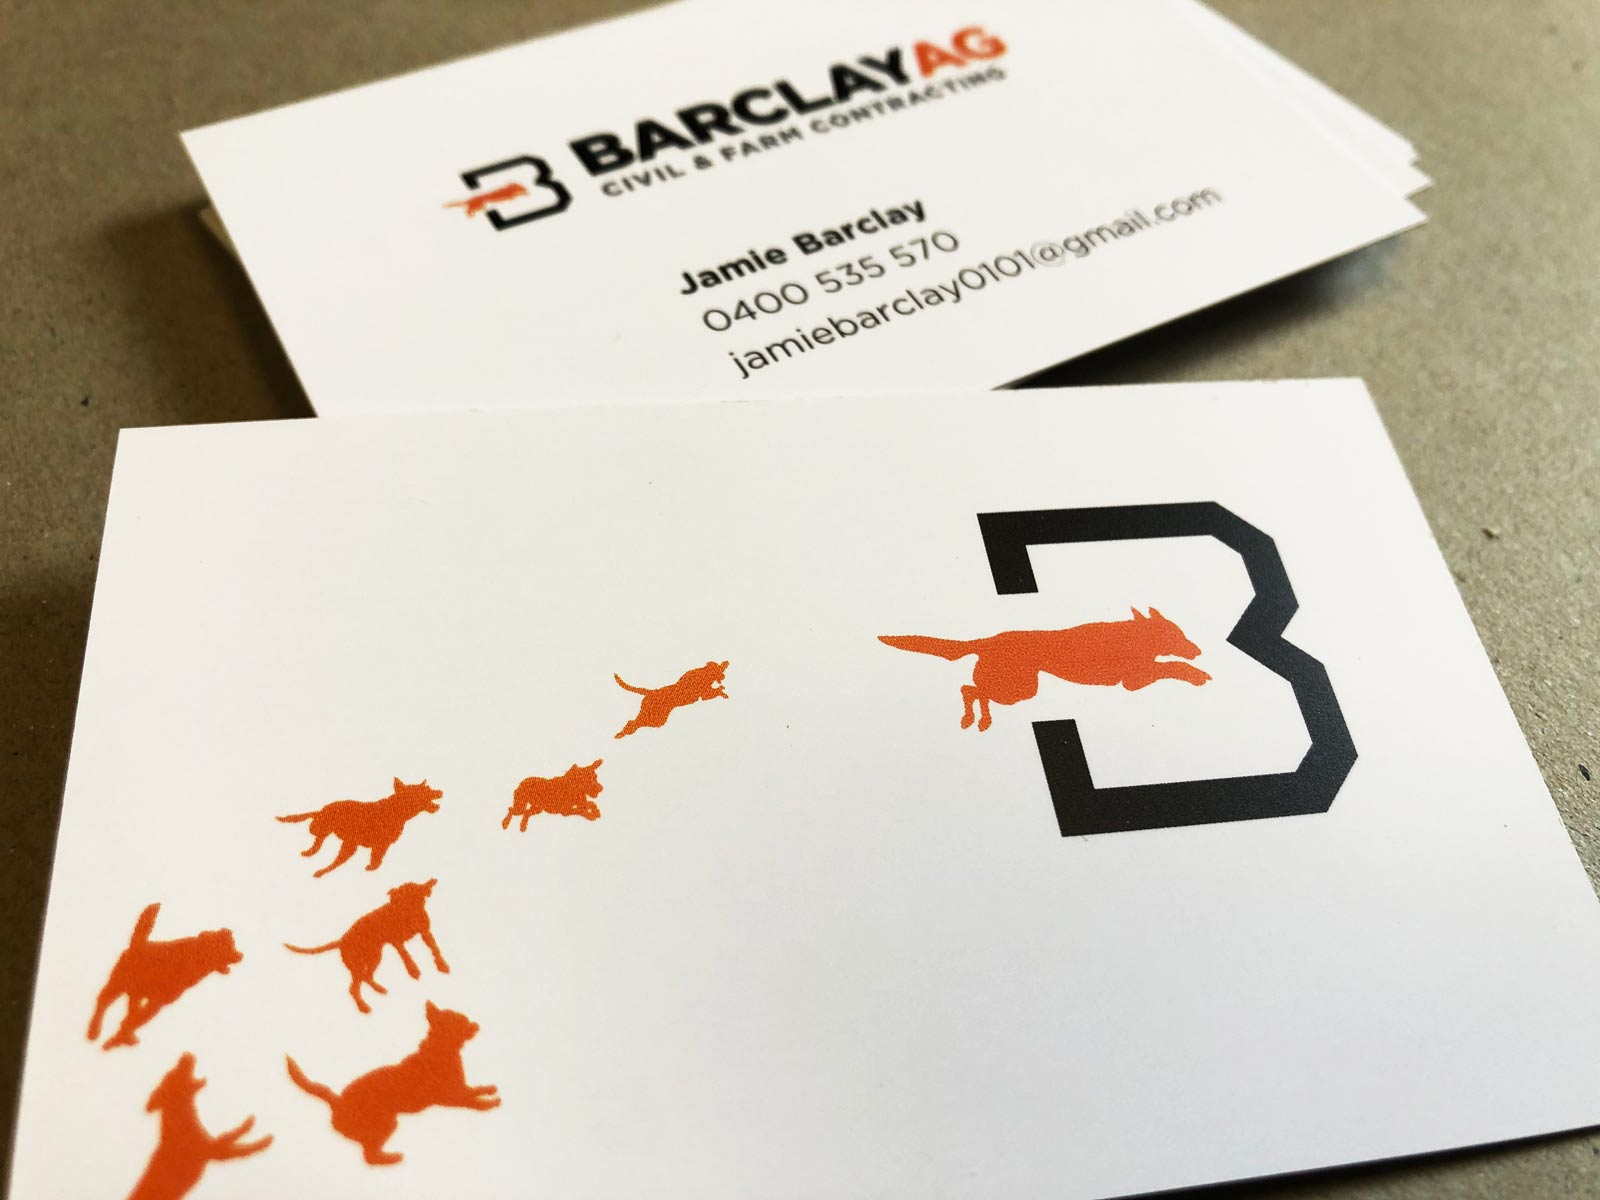 Barclay Ag Business card design